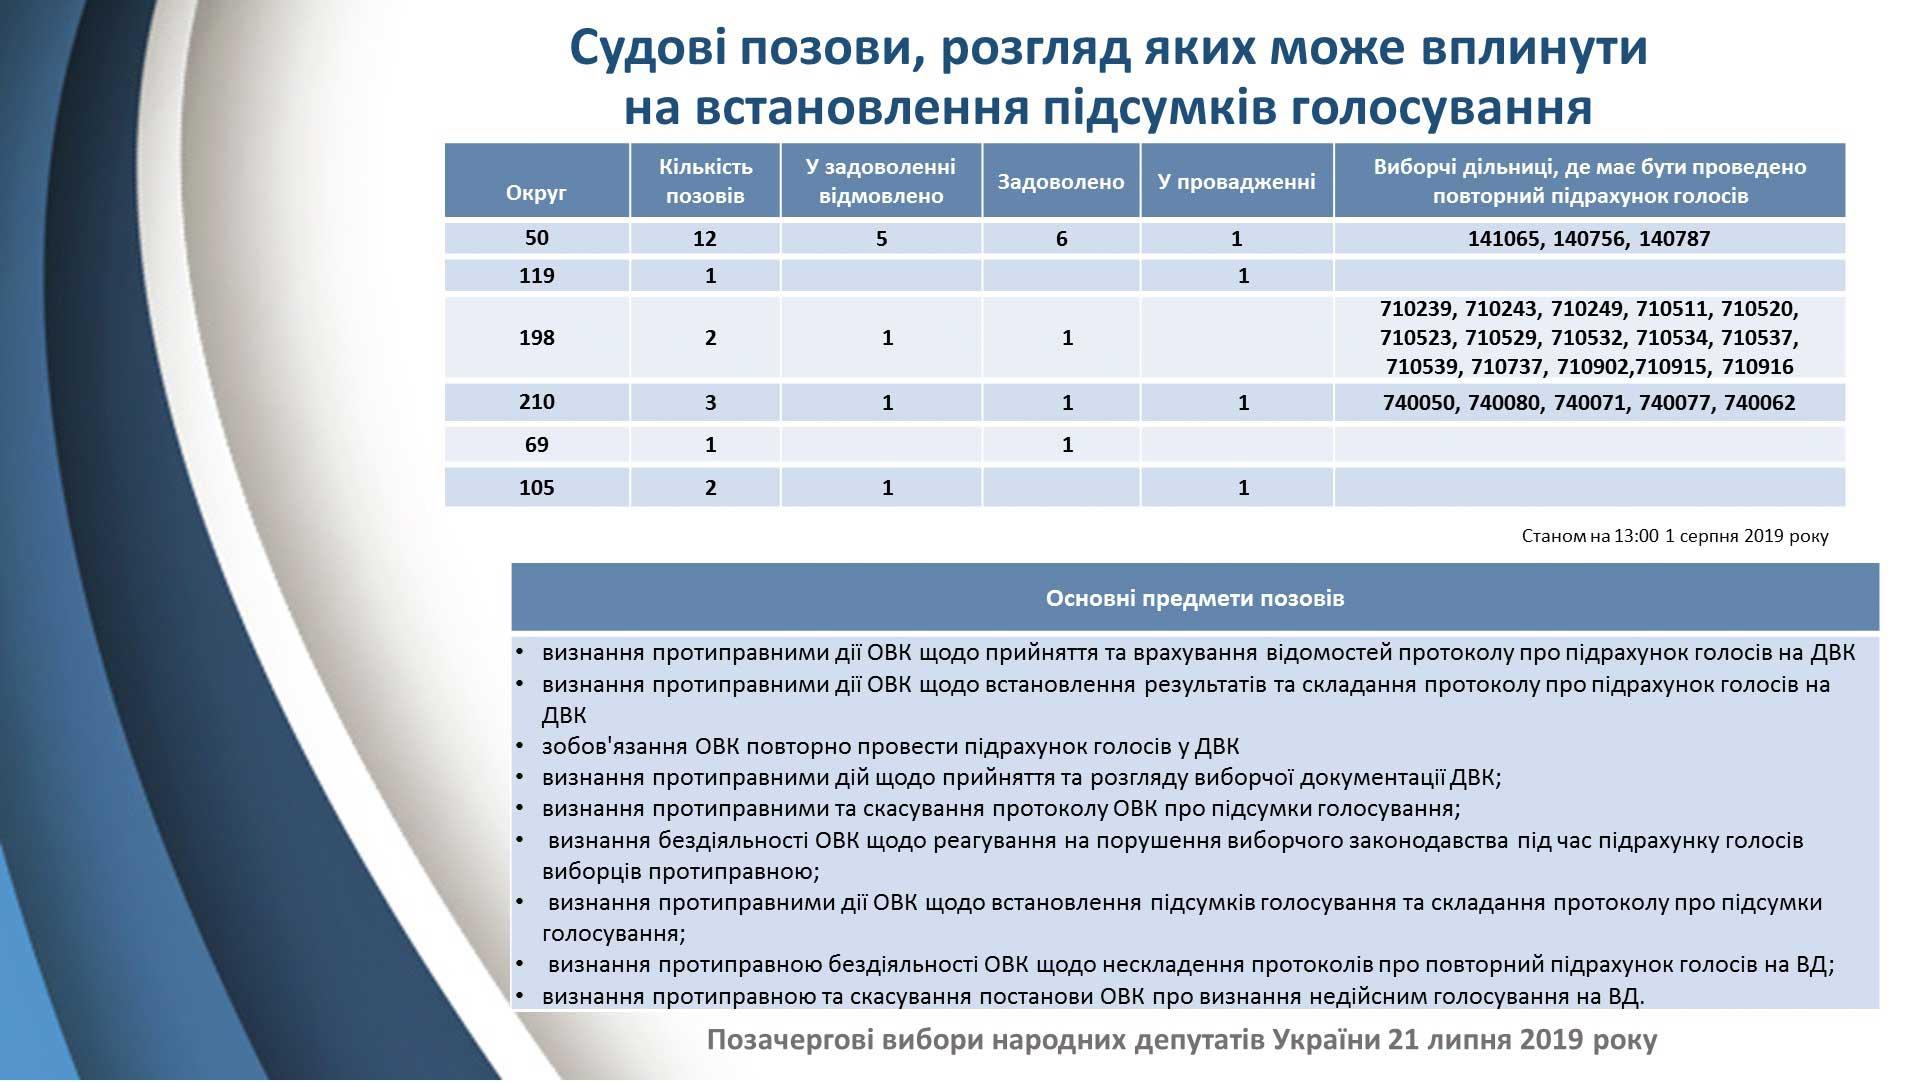 ЦИК признала избранными еще 19 нардепов. Почему так долго